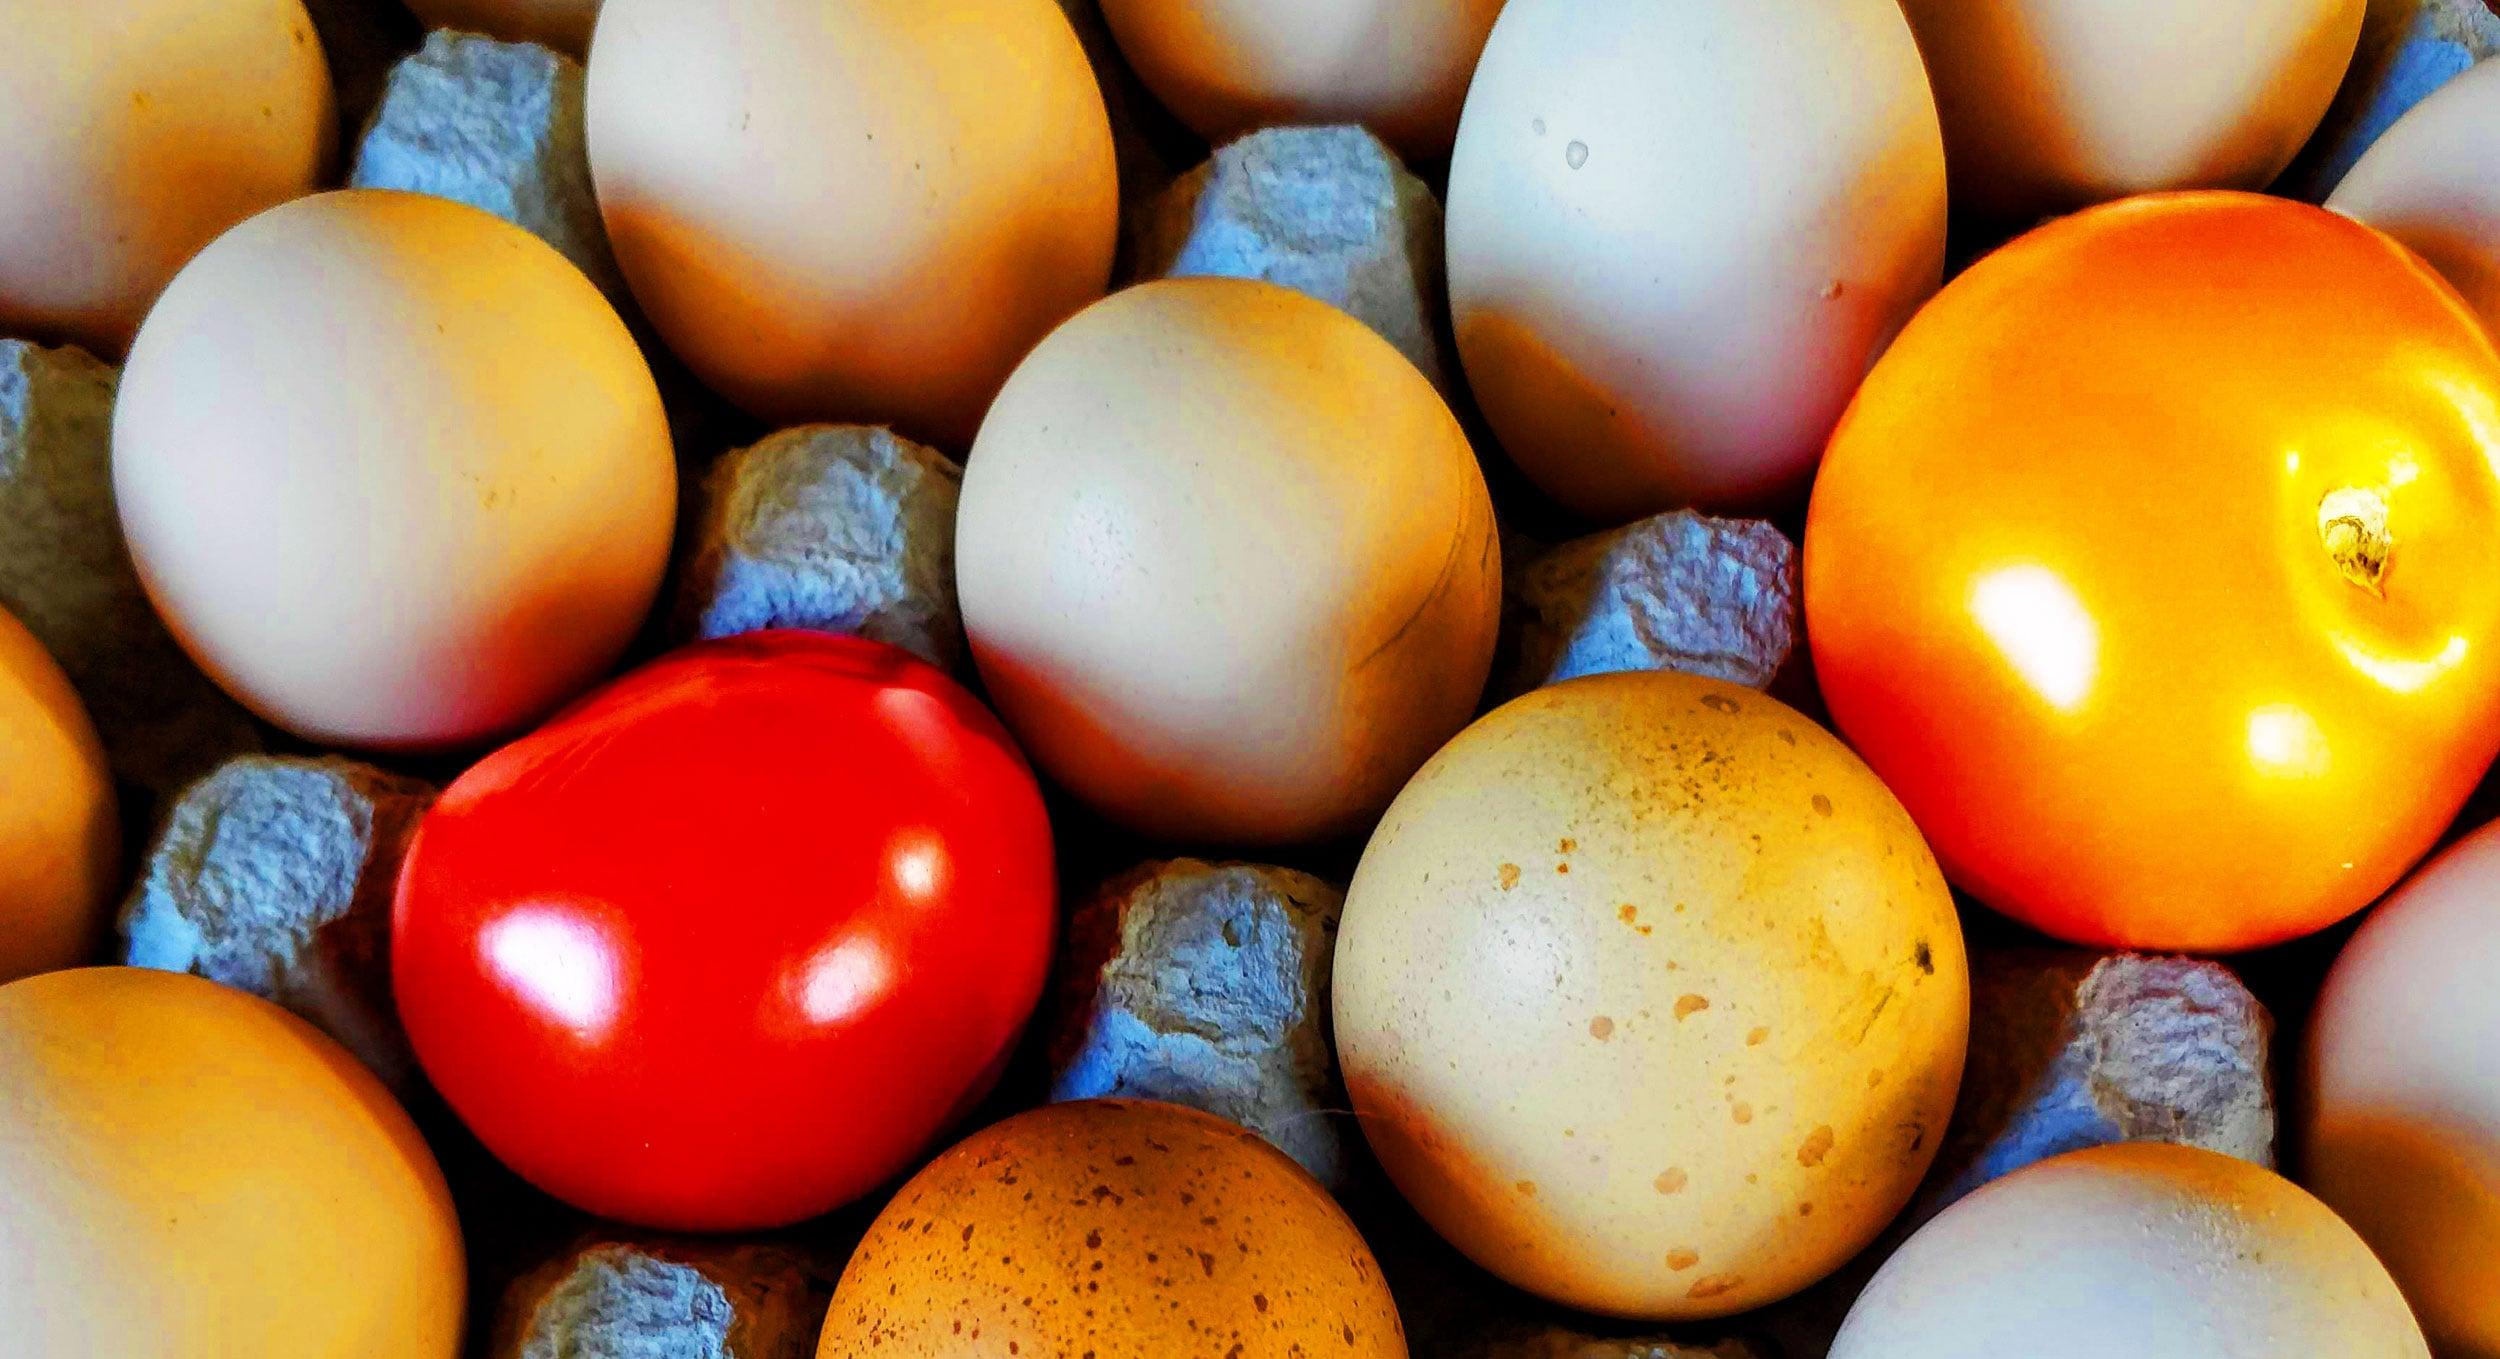 Mat och människor bild med tomater och ägg i äggkartong